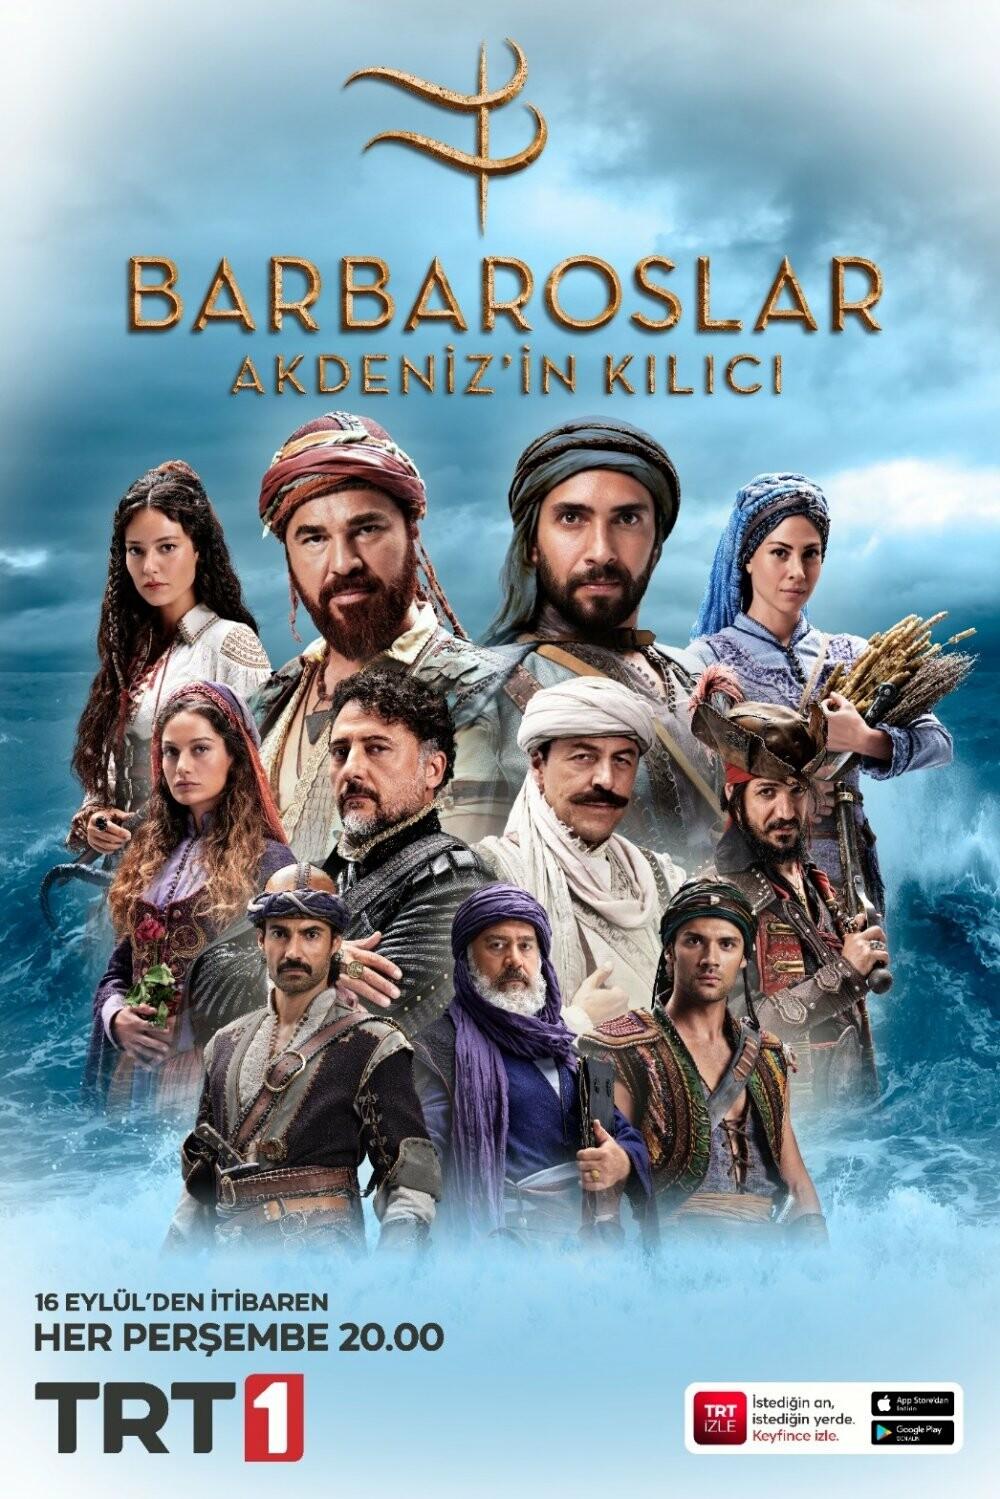 BARBAROSLAR-Akdenizin Kılıcı 01.BLM (16.09.2021) 1080p Web-DL AAC H.264